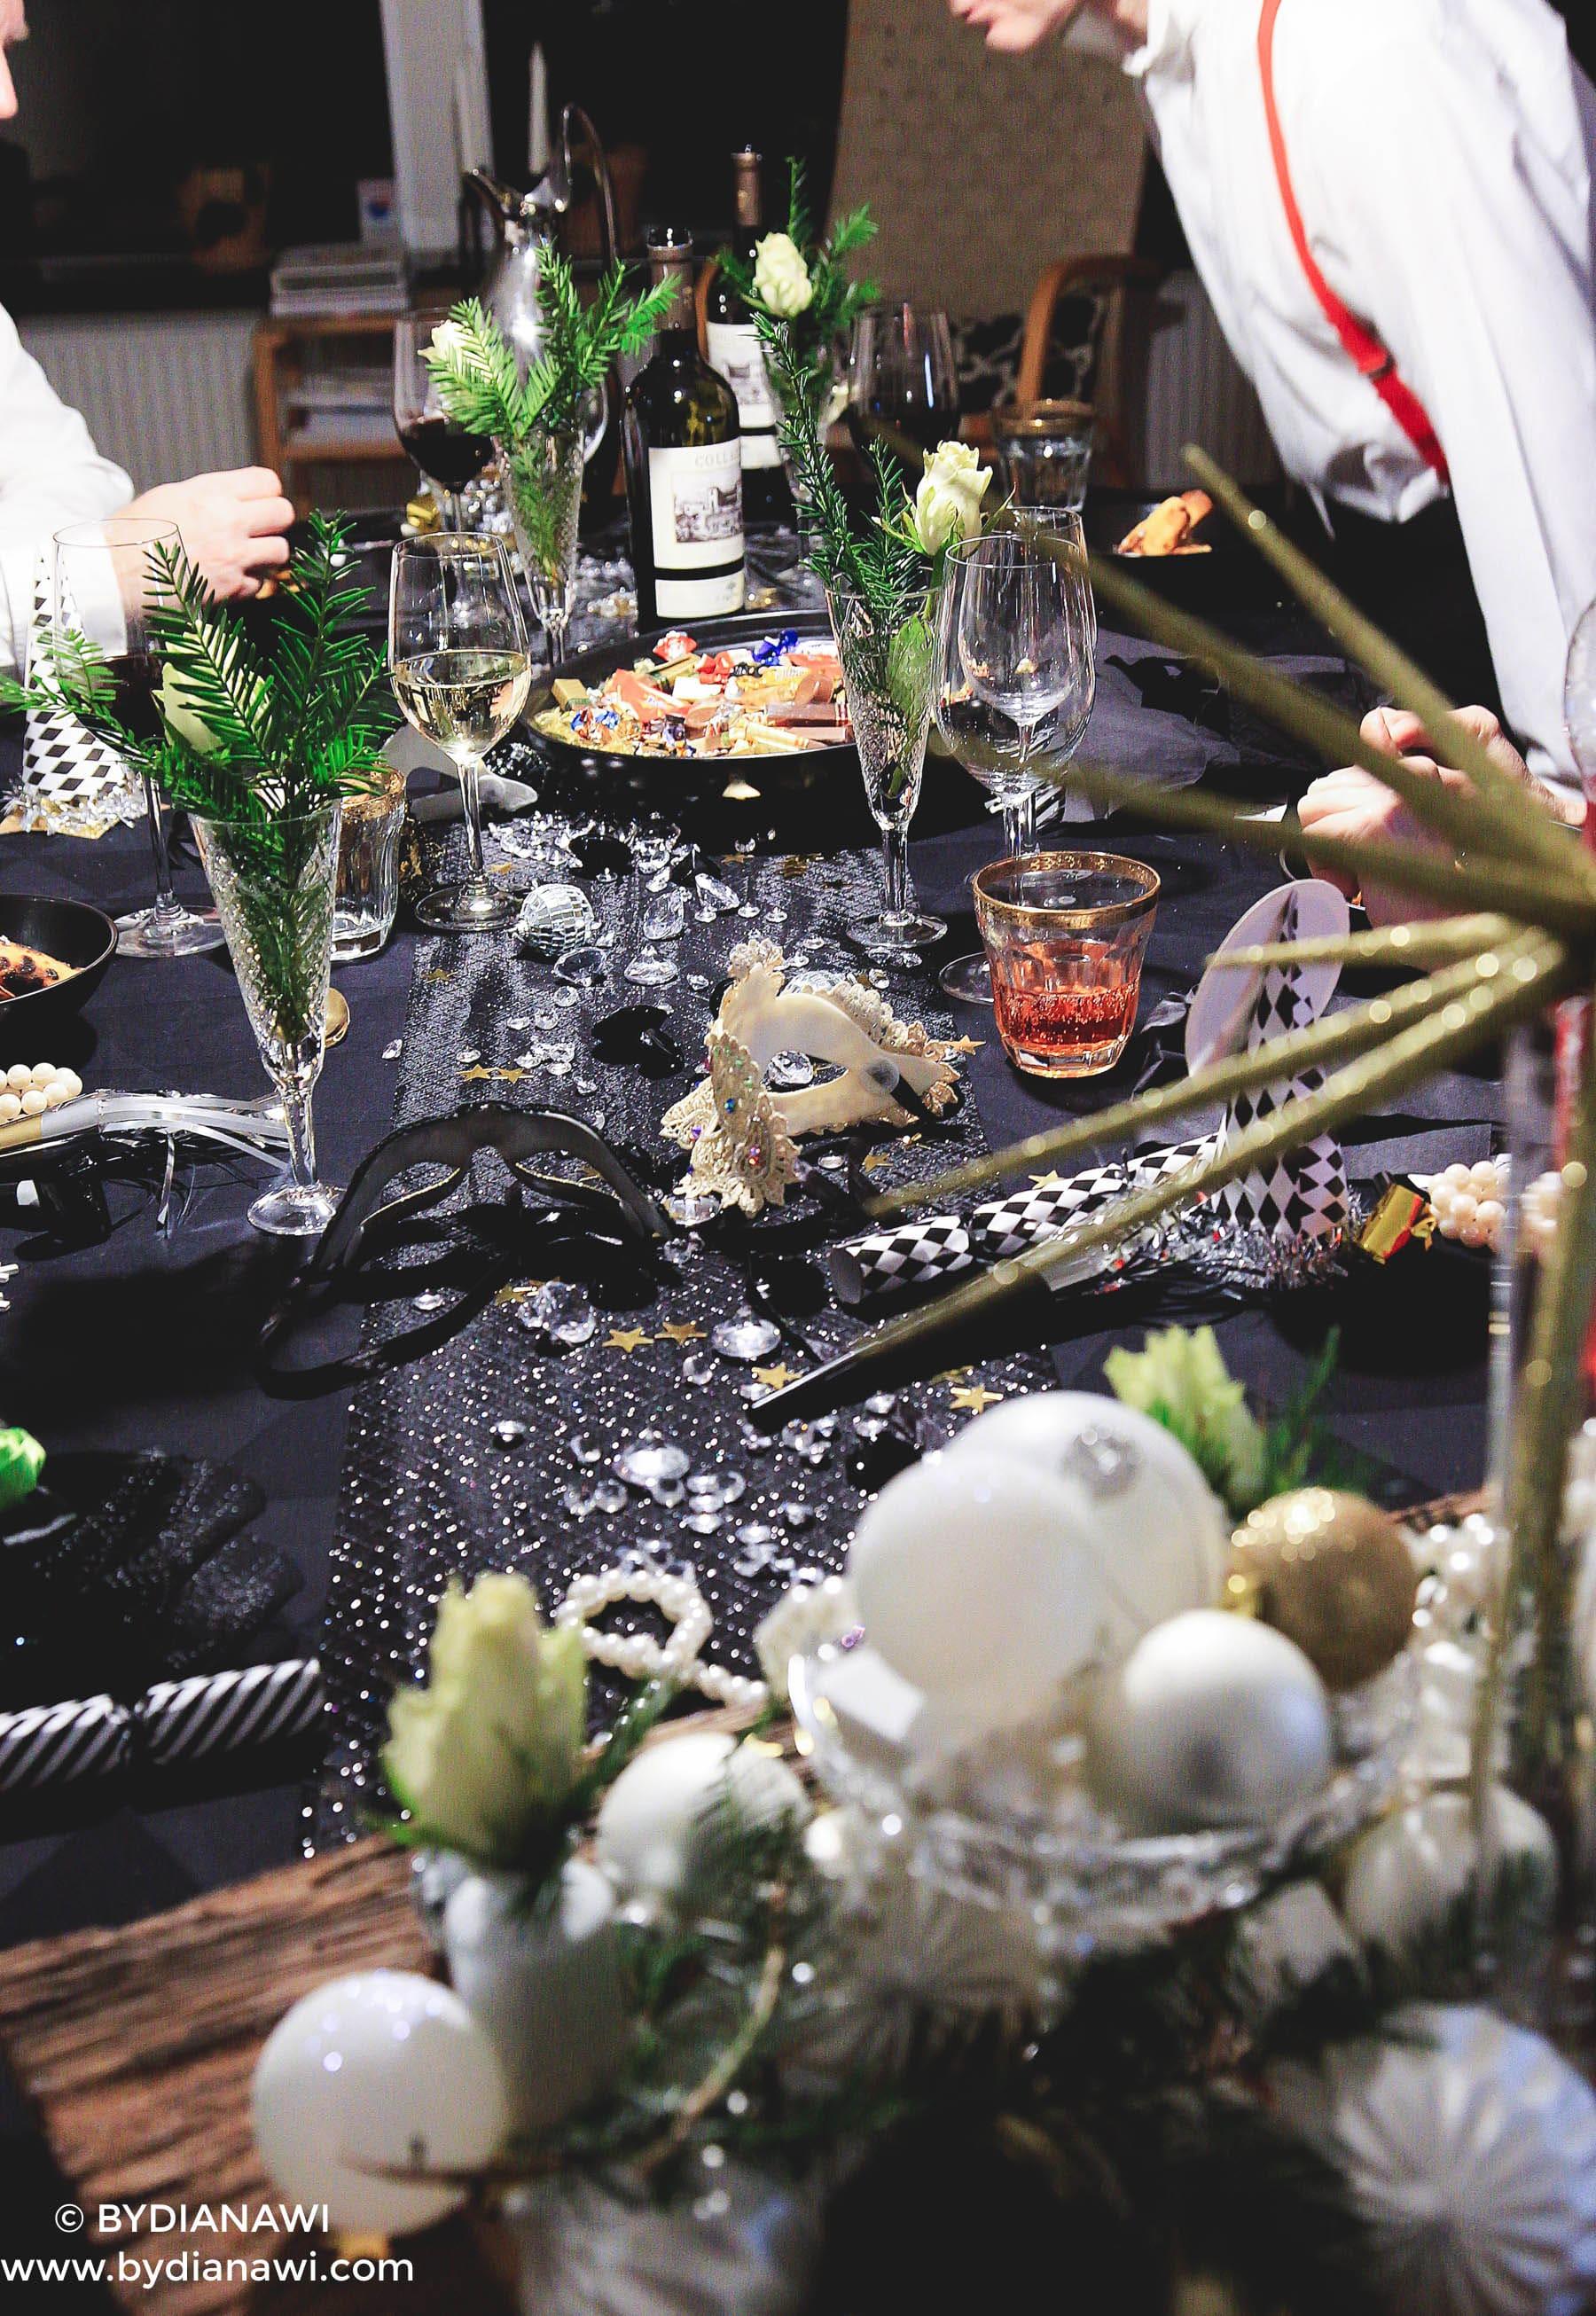 nytårsfest, borddækning nytår, inspiration